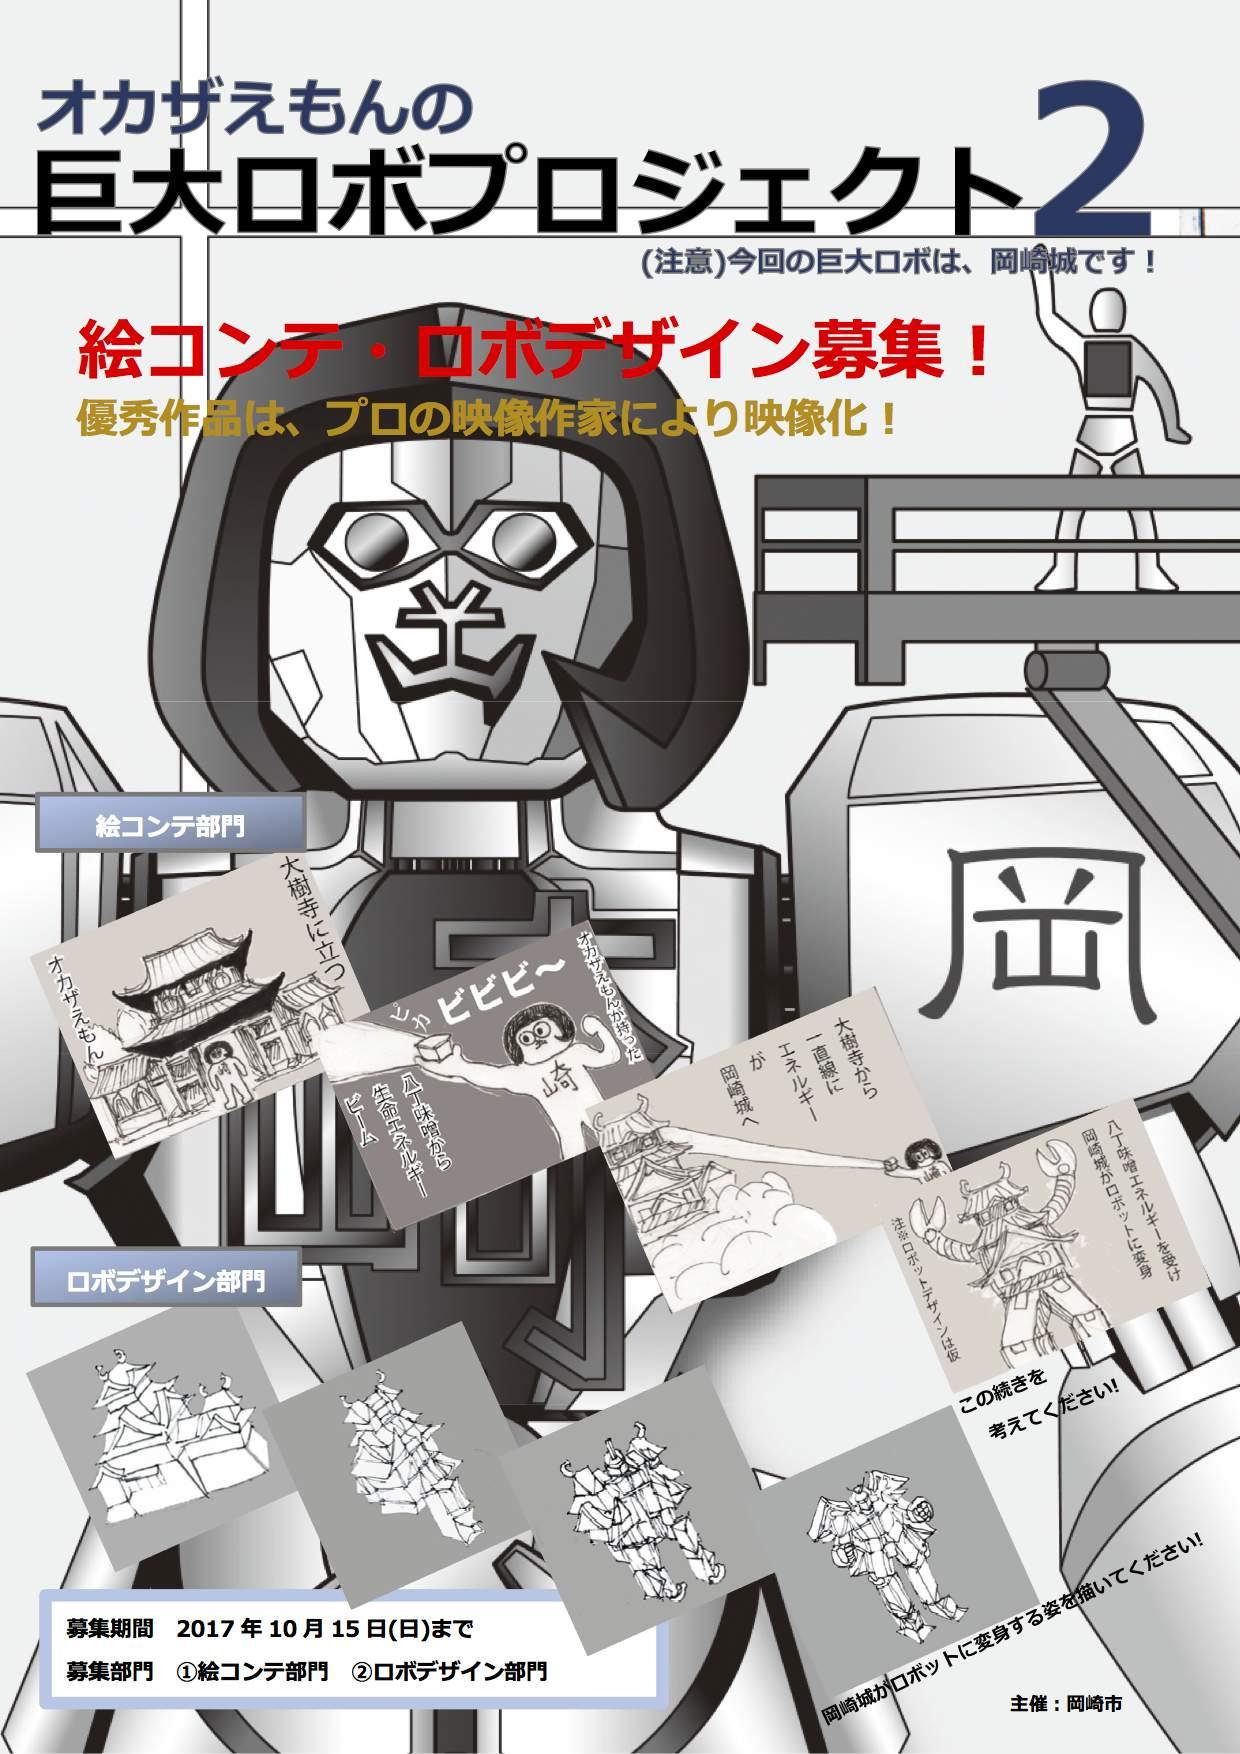 オカザえもん巨大ロボプロジェクト2募集中!